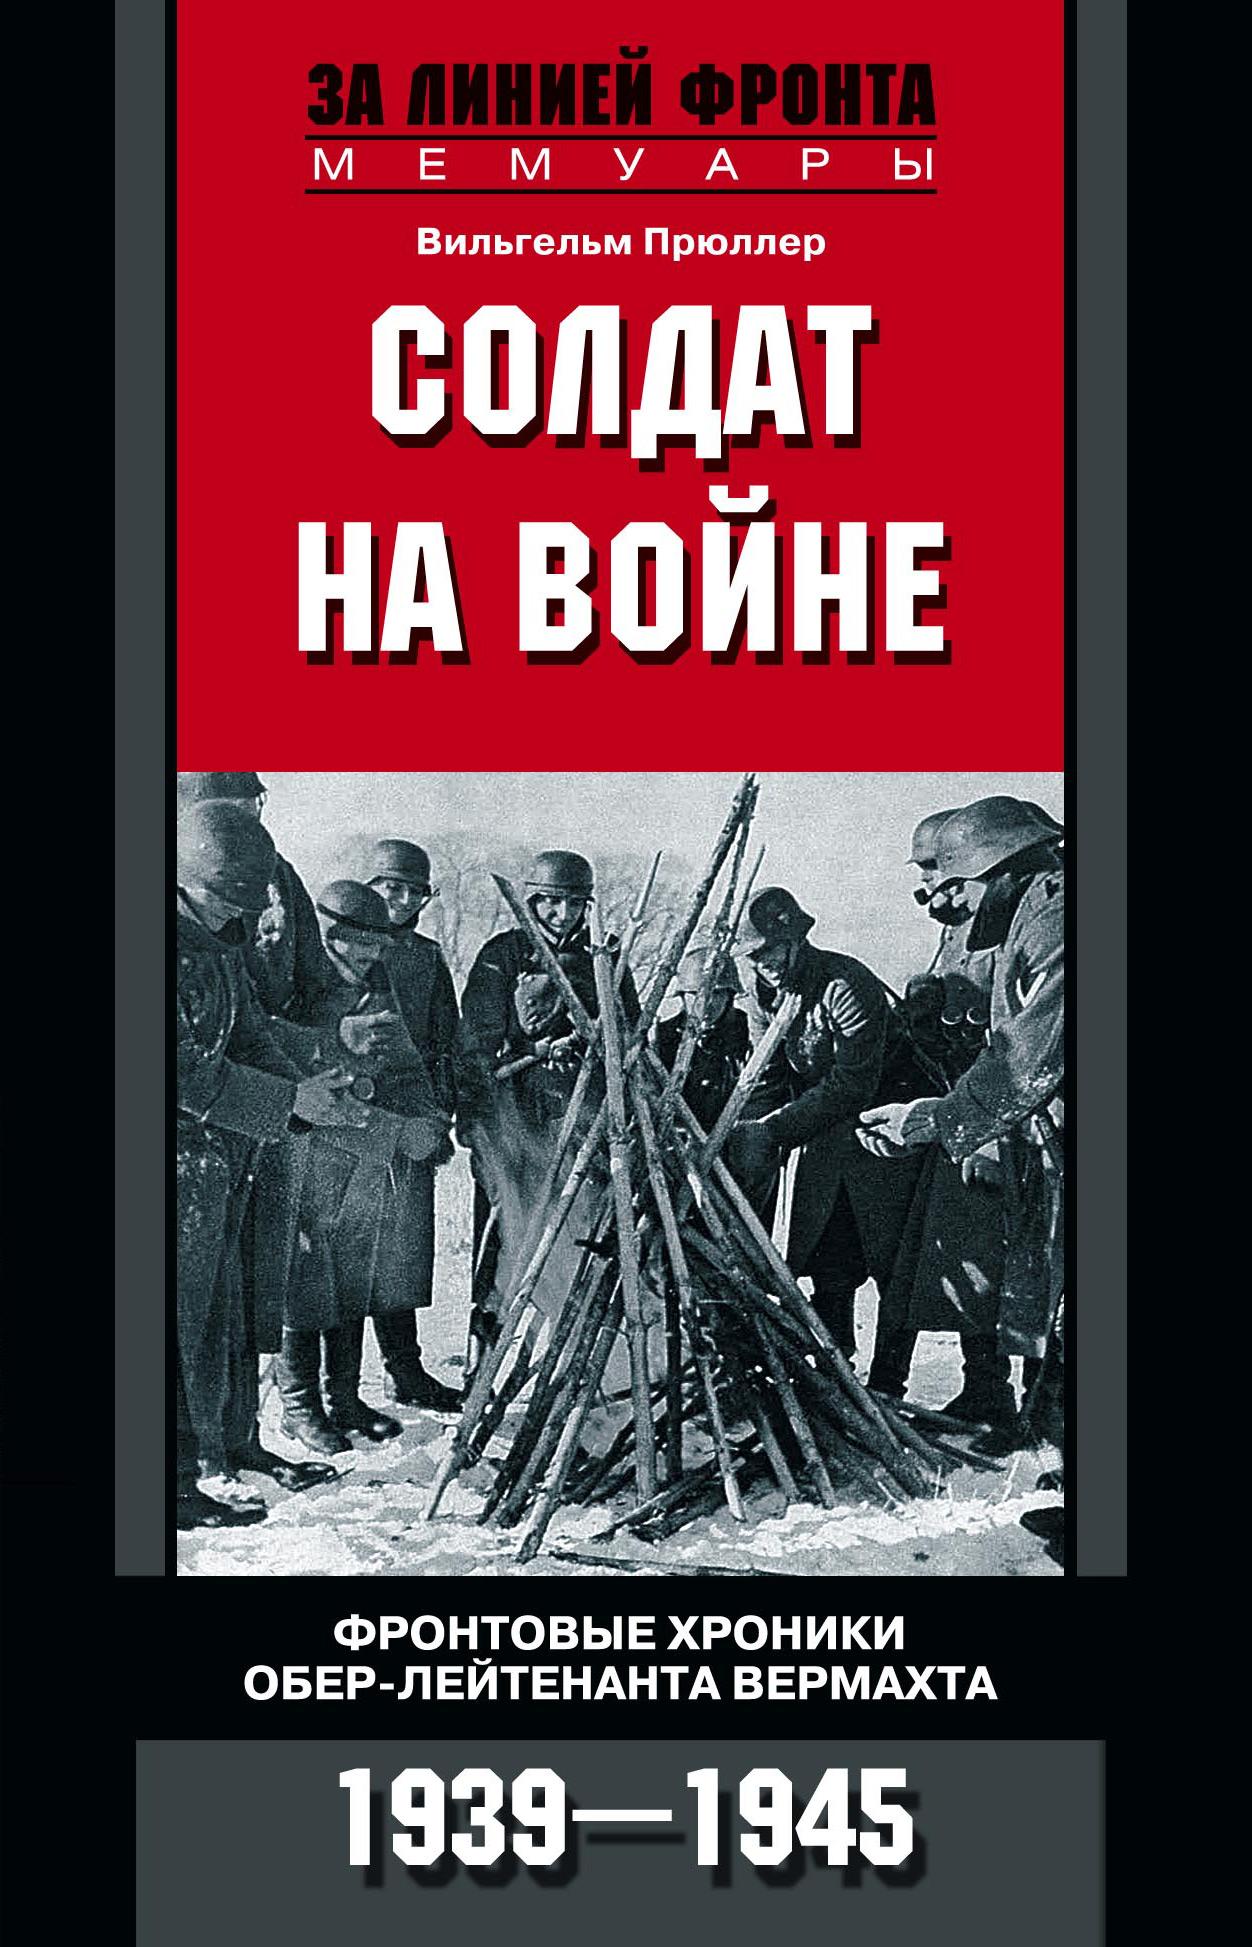 Вильгельм Прюллер Солдат на войне. Фронтовые хроники обер-лейтенанта вермахта. 1939 – 1945 цена